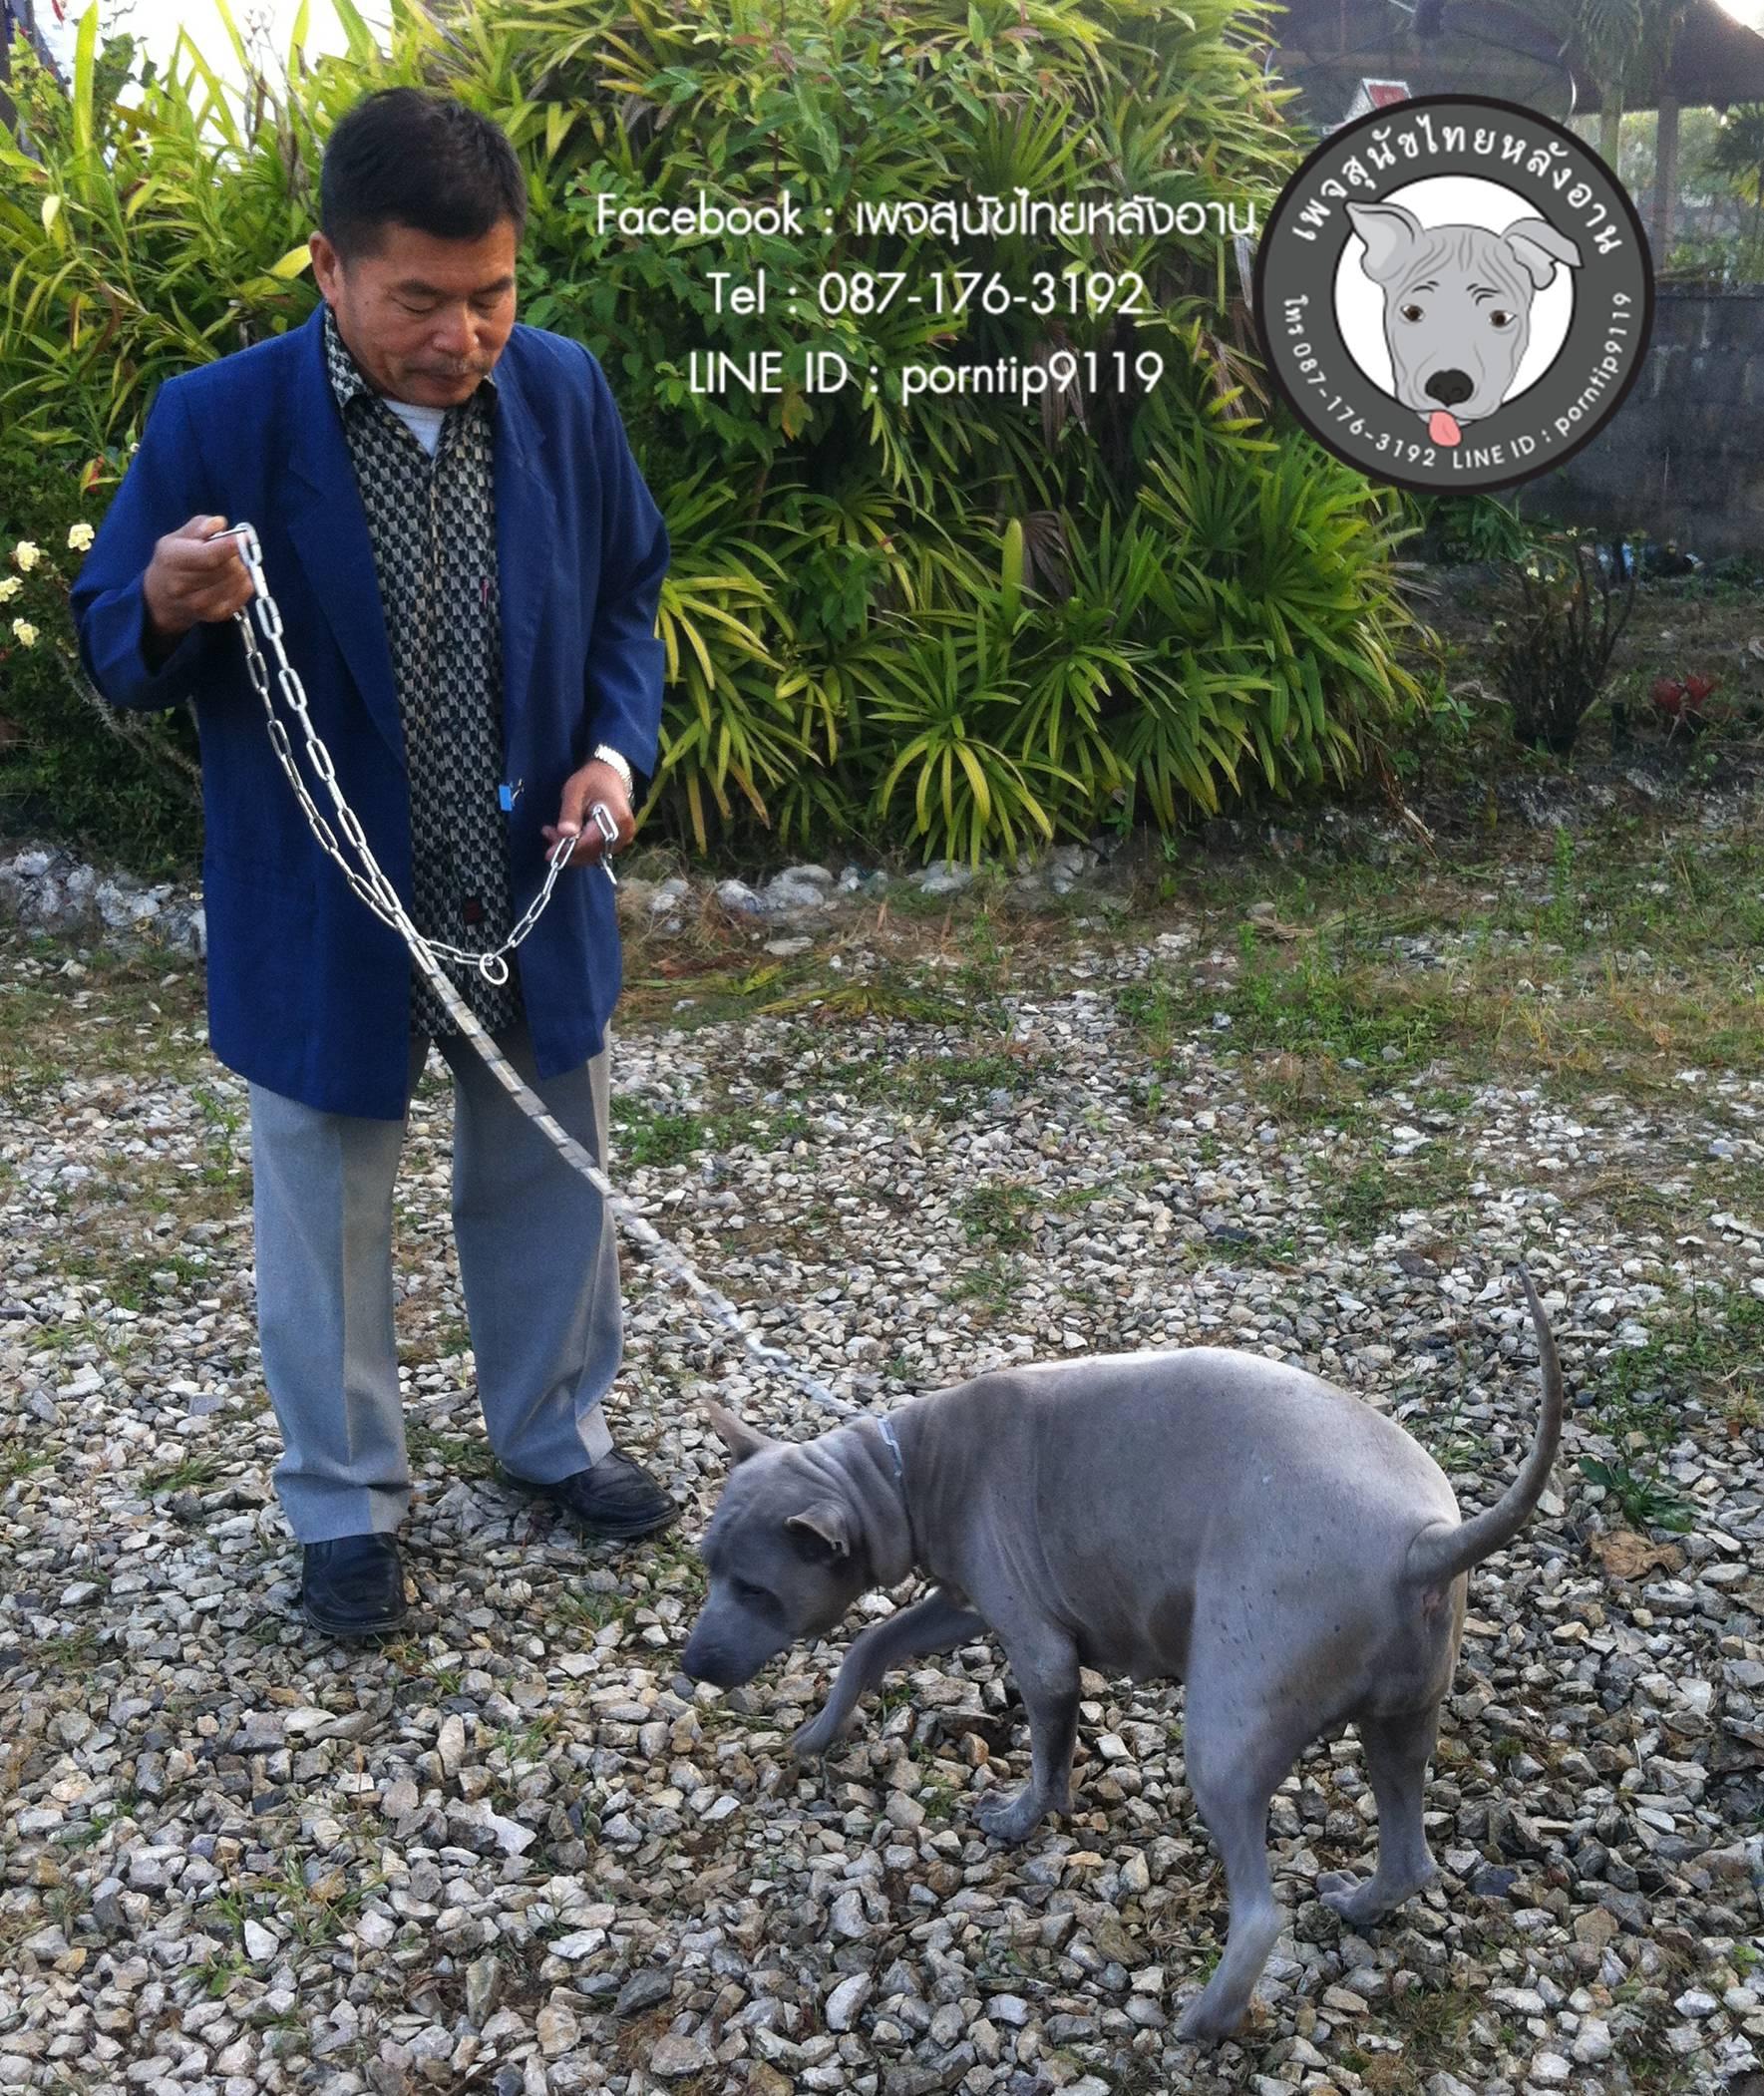 สุนัขไทยหลังอาน ขายสุนัขไทยหลังอาน   ลูกสุนัขไทยหลังอานIMG_5270